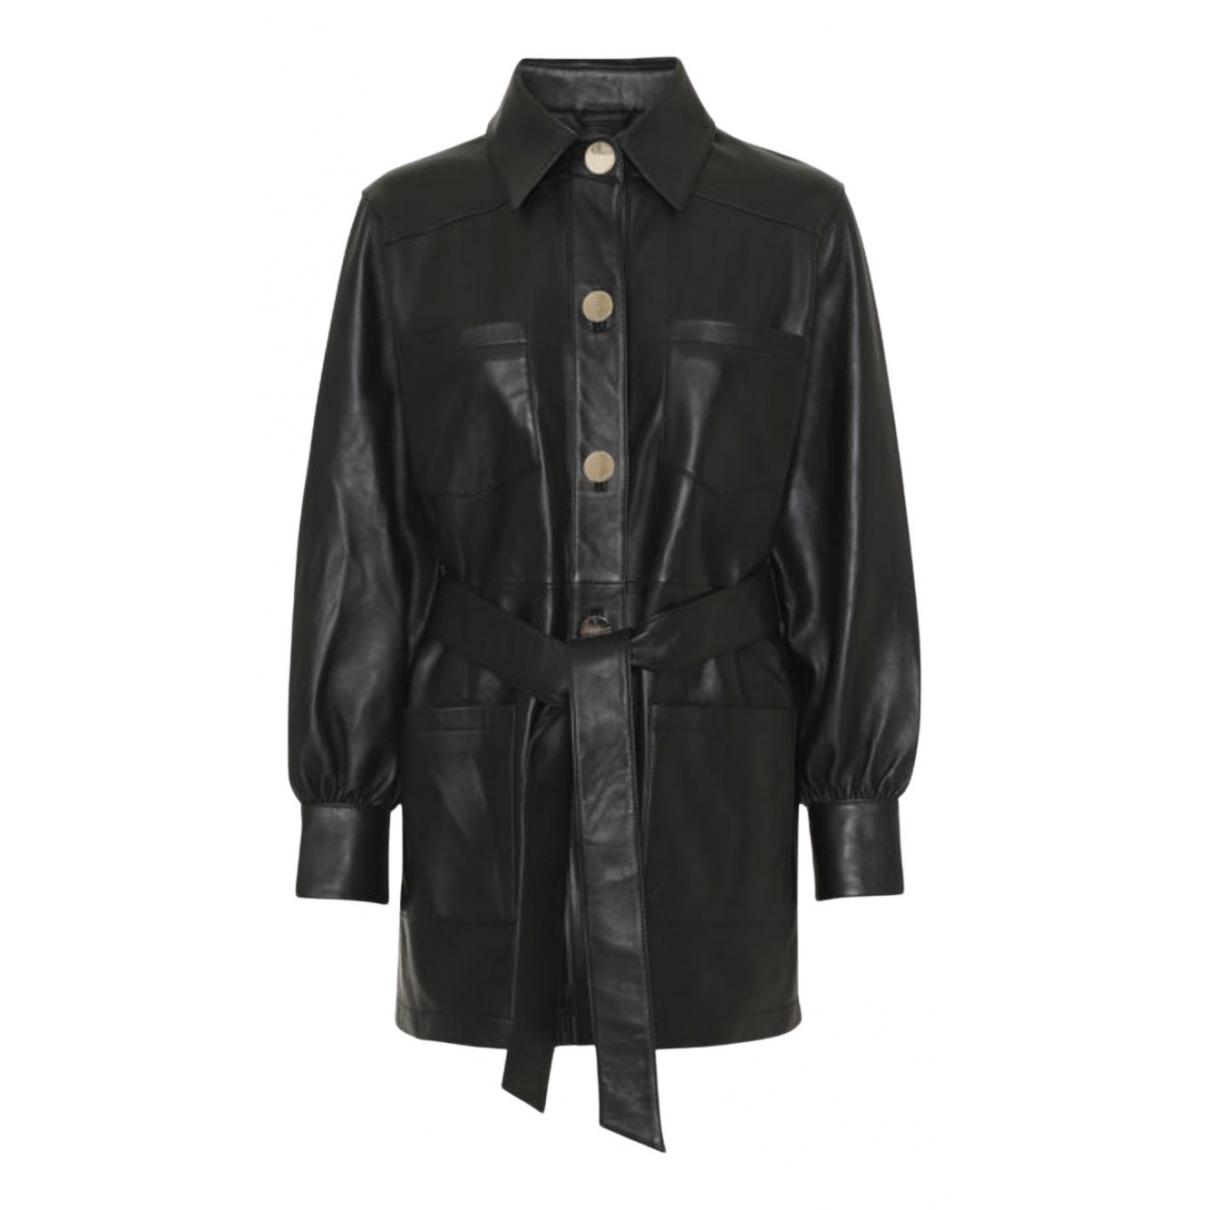 Day Birger & Mikkelsen - Manteau   pour femme en cuir - noir